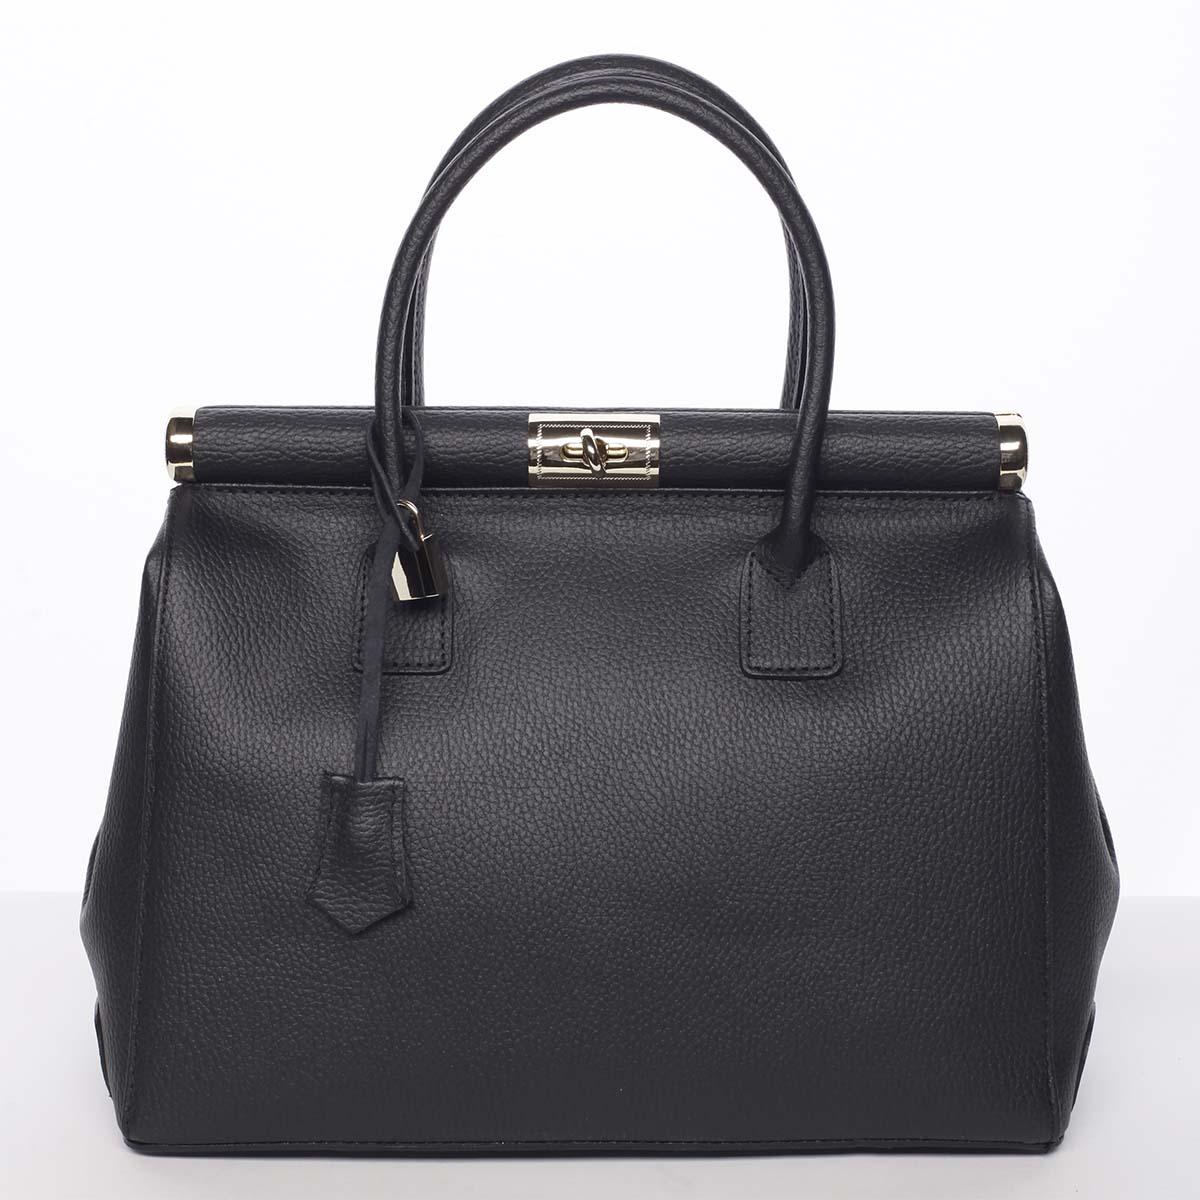 Originálna módna dámska kožená kabelka do ruky čierna - ItalY Hila čierna